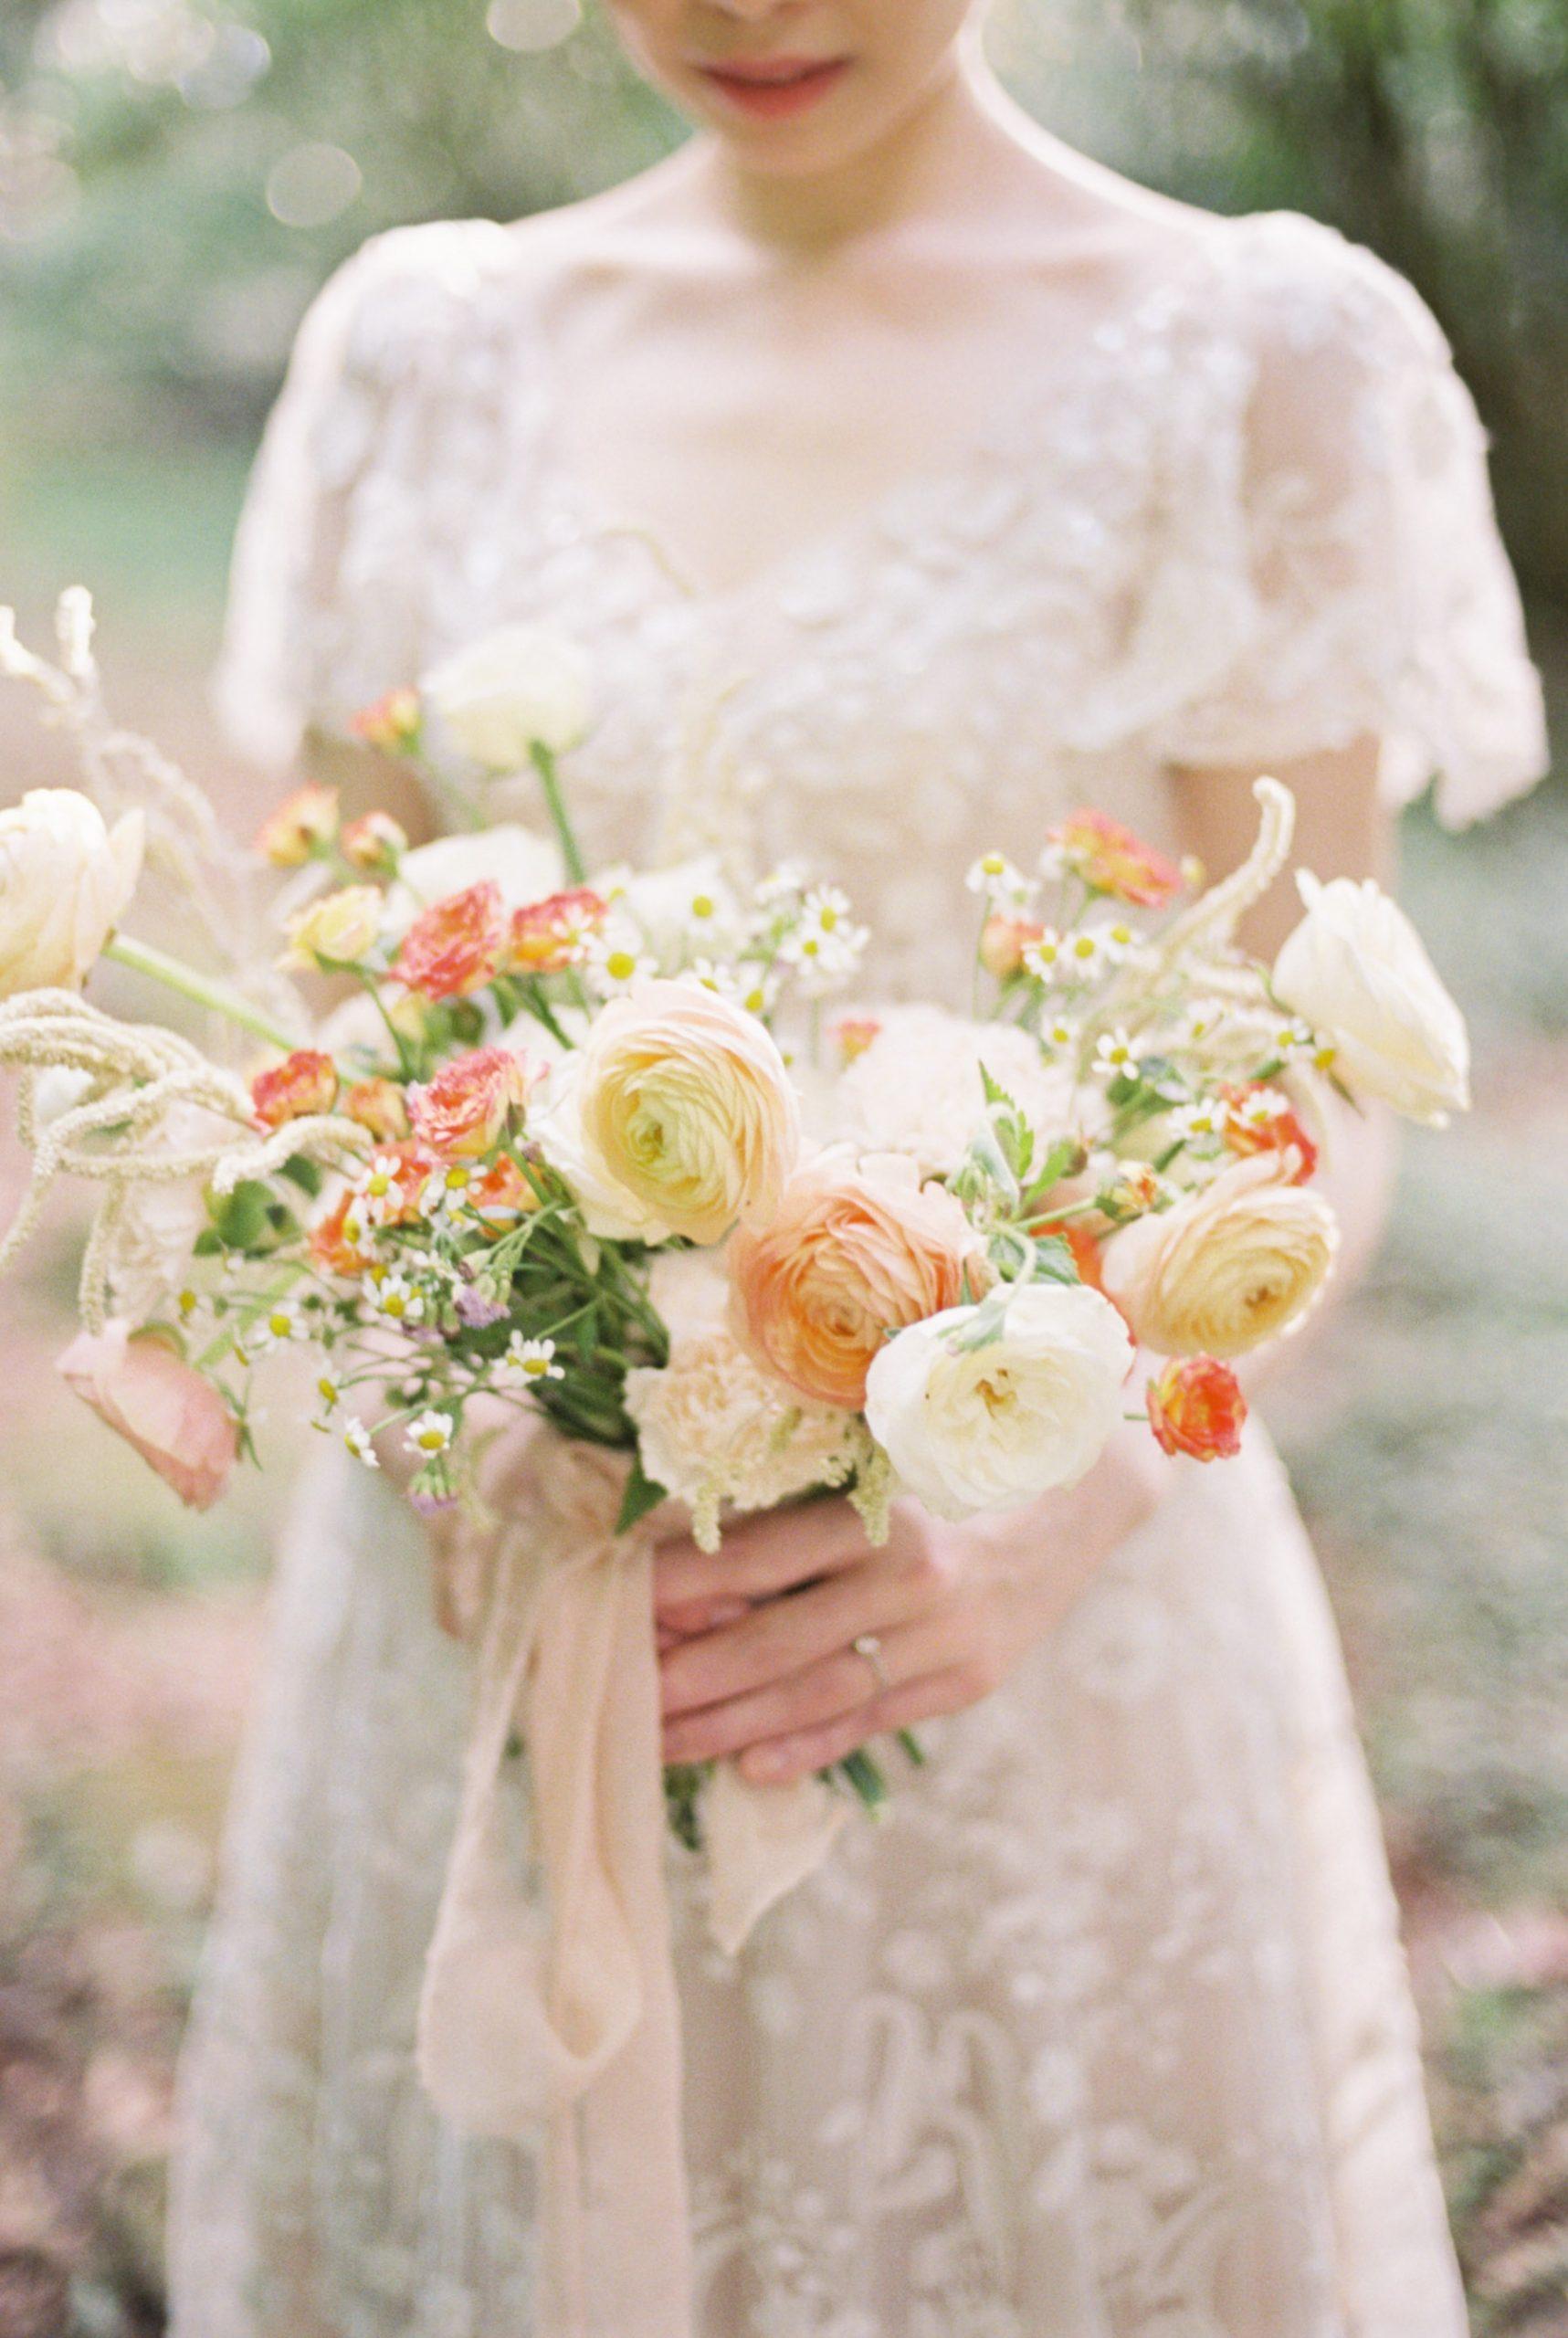 逆光婚紗-Fine-art-Mark-美式捧花-夢幻-逆光-美式婚紗